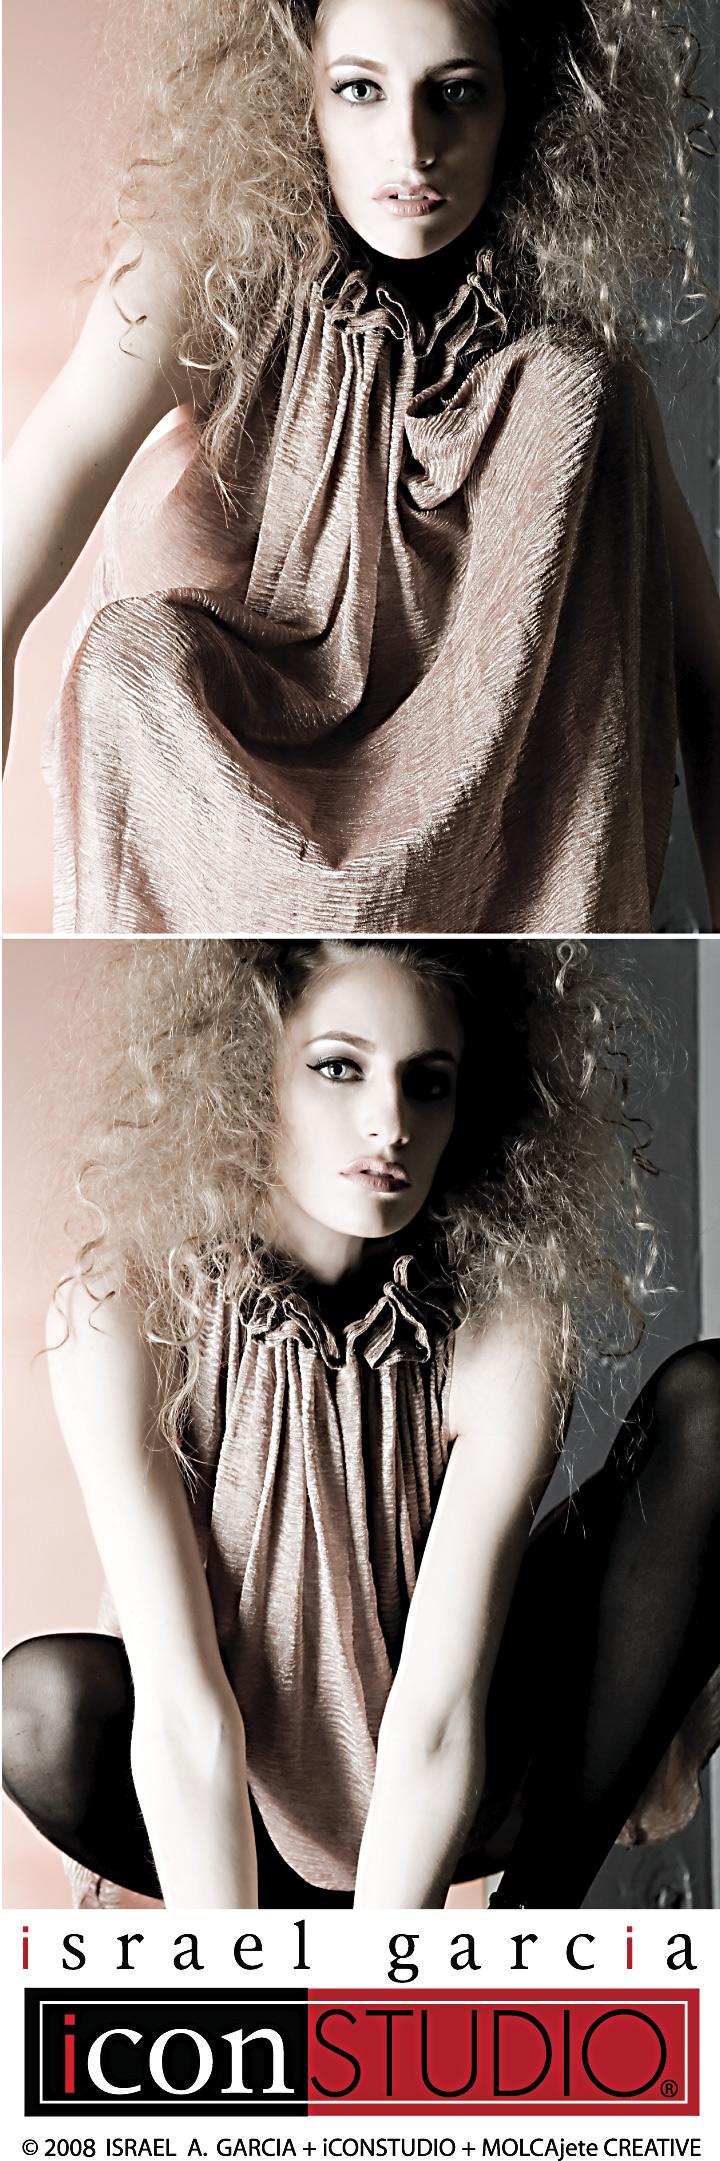 Nov 06, 2008 ©1977-2008 ISRAEL A. GARCIA + iCONSTUDIO + MOLCAjete CREATIVE Art Direction: Israel Garcia  Mua/Hair: Bella Epoque